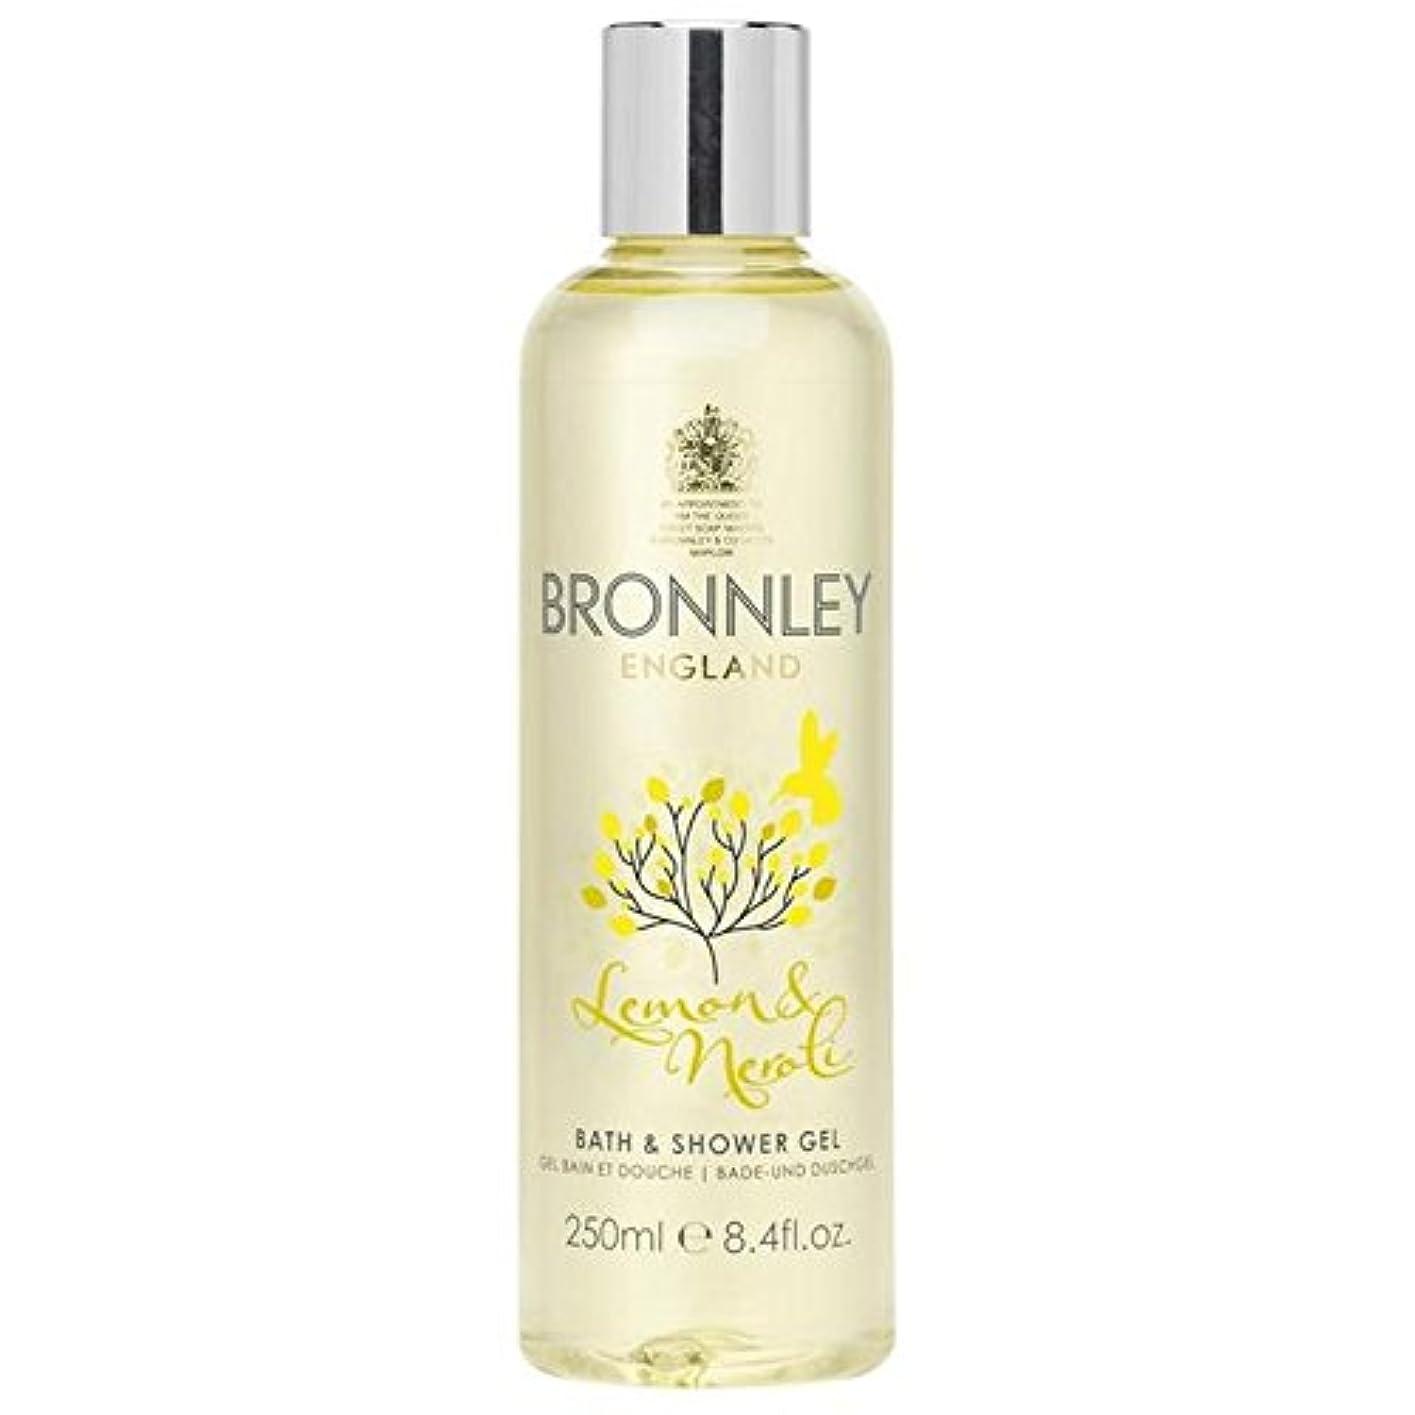 ジョリー確かな図書館Bronnley Lemon & Neroli Bath & Shower Gel 250ml - レモン&ネロリバス&シャワージェル250ミリリットル [並行輸入品]